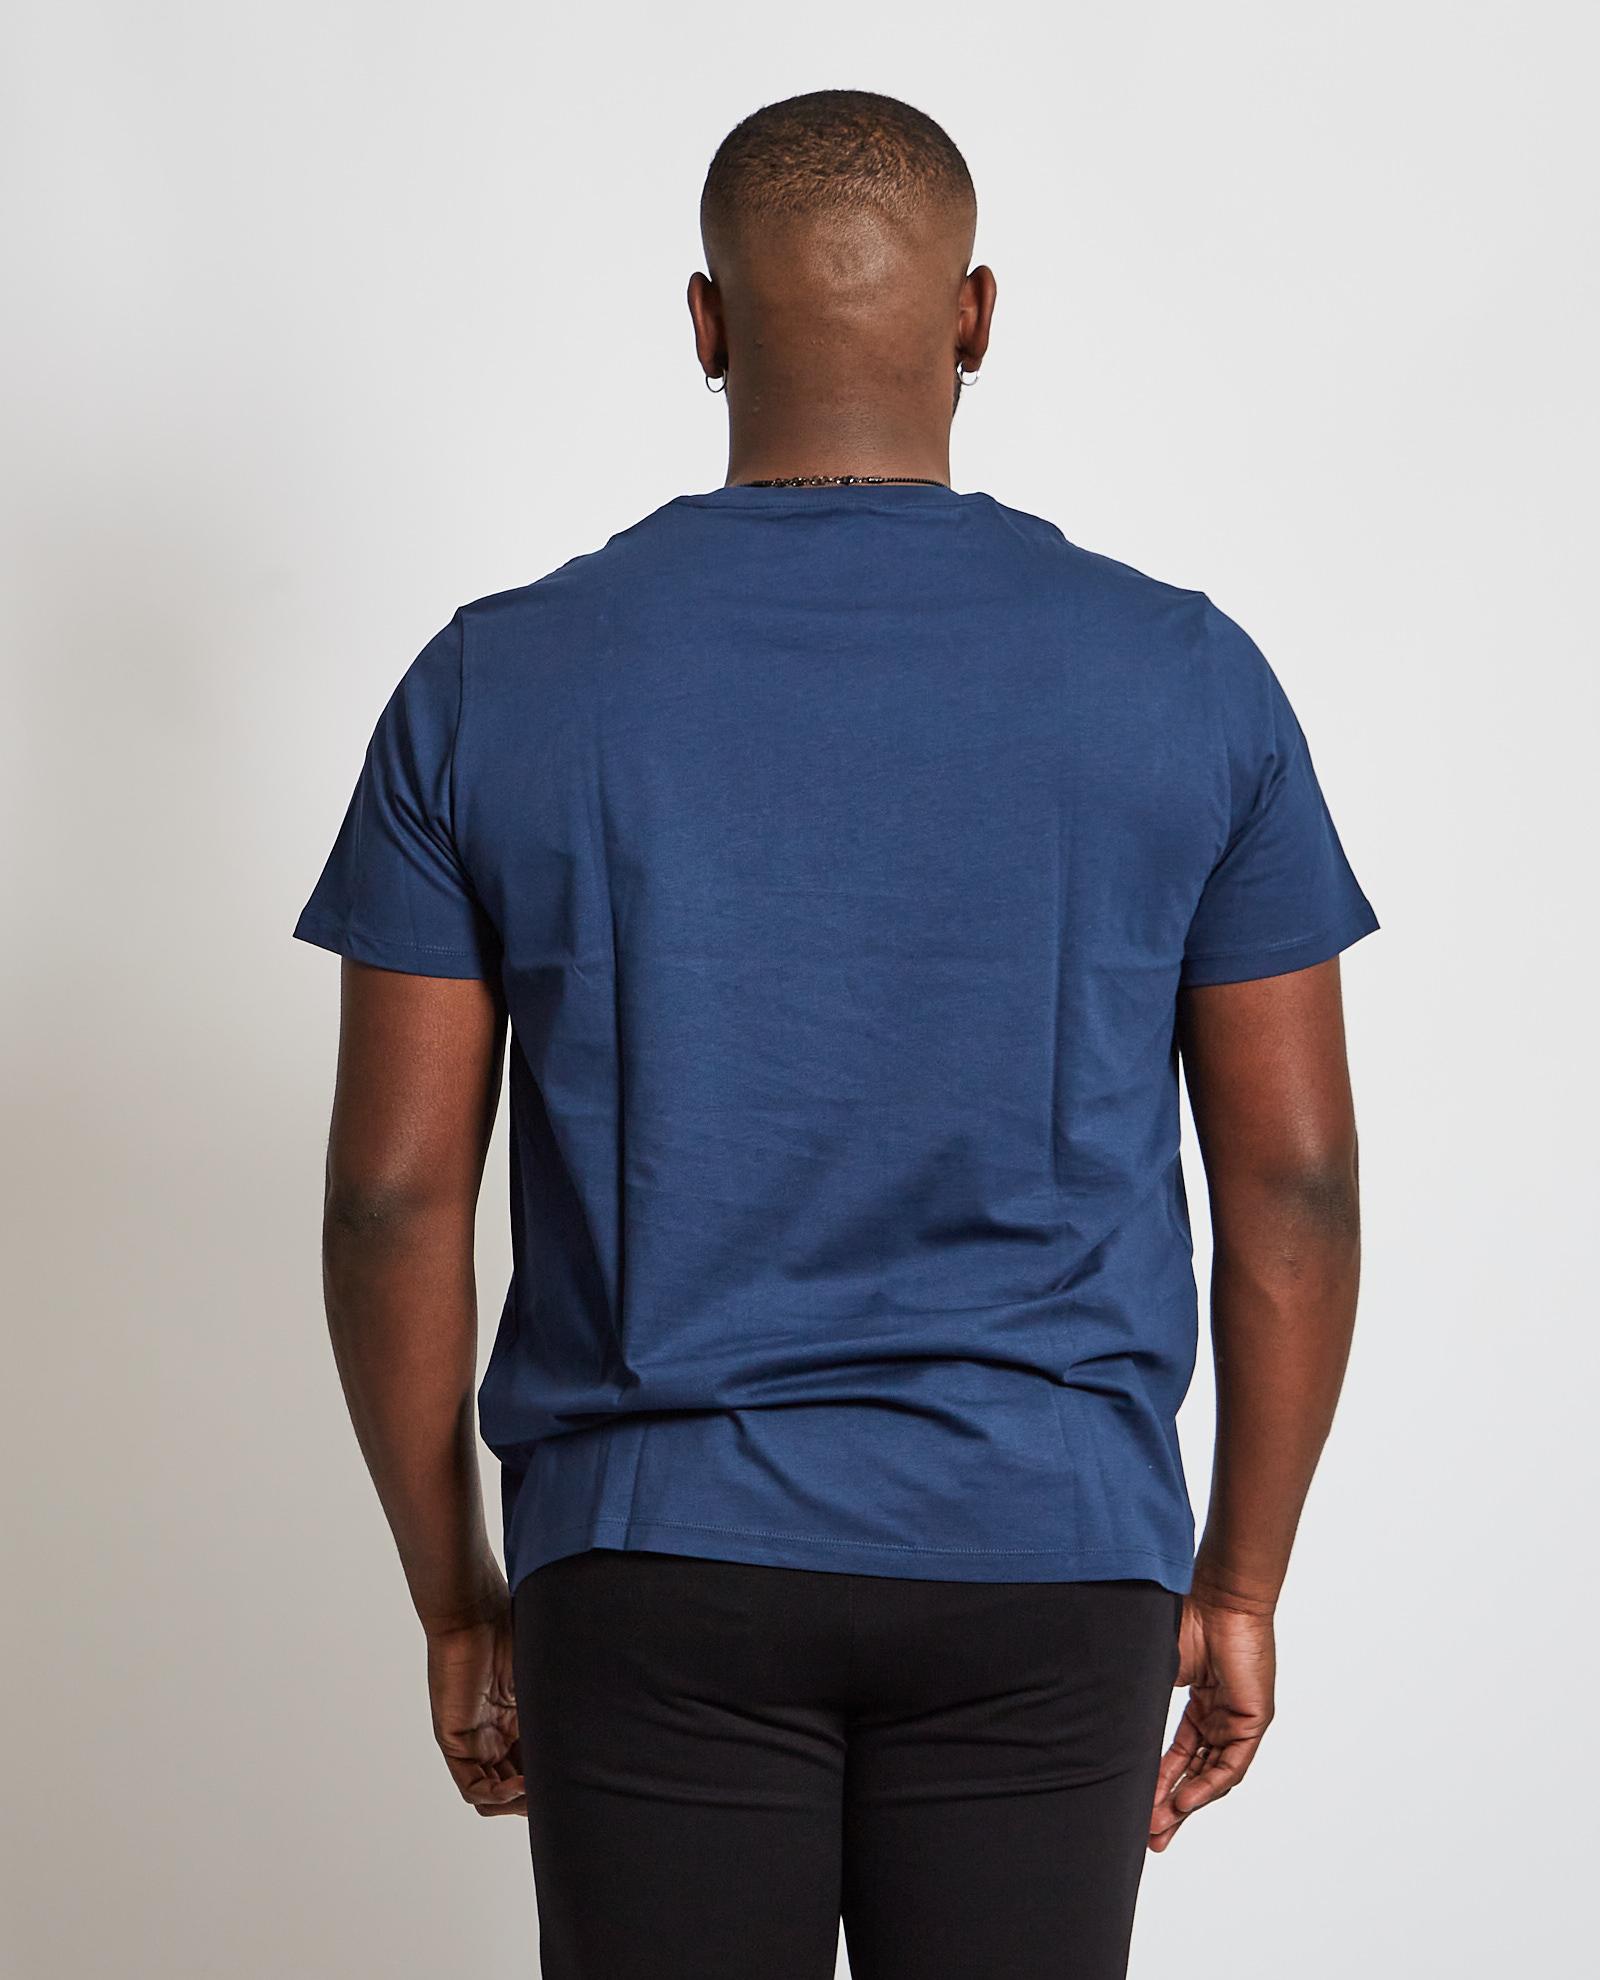 T-shirt Levis LEVI'S | T-shirt | 177830139